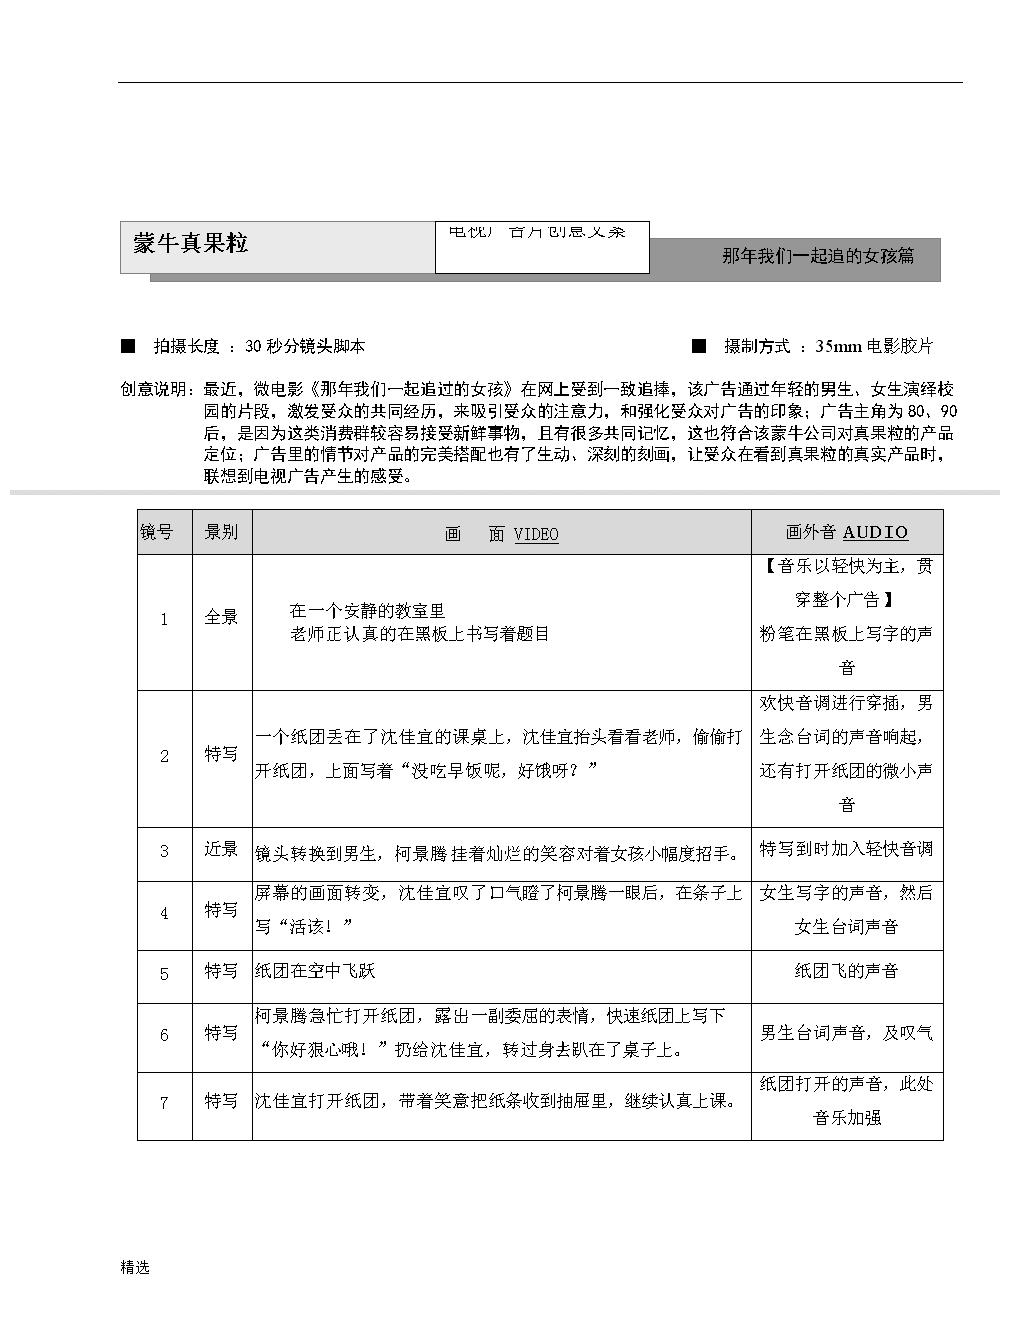 真果粒 电视广告创意脚本.doc